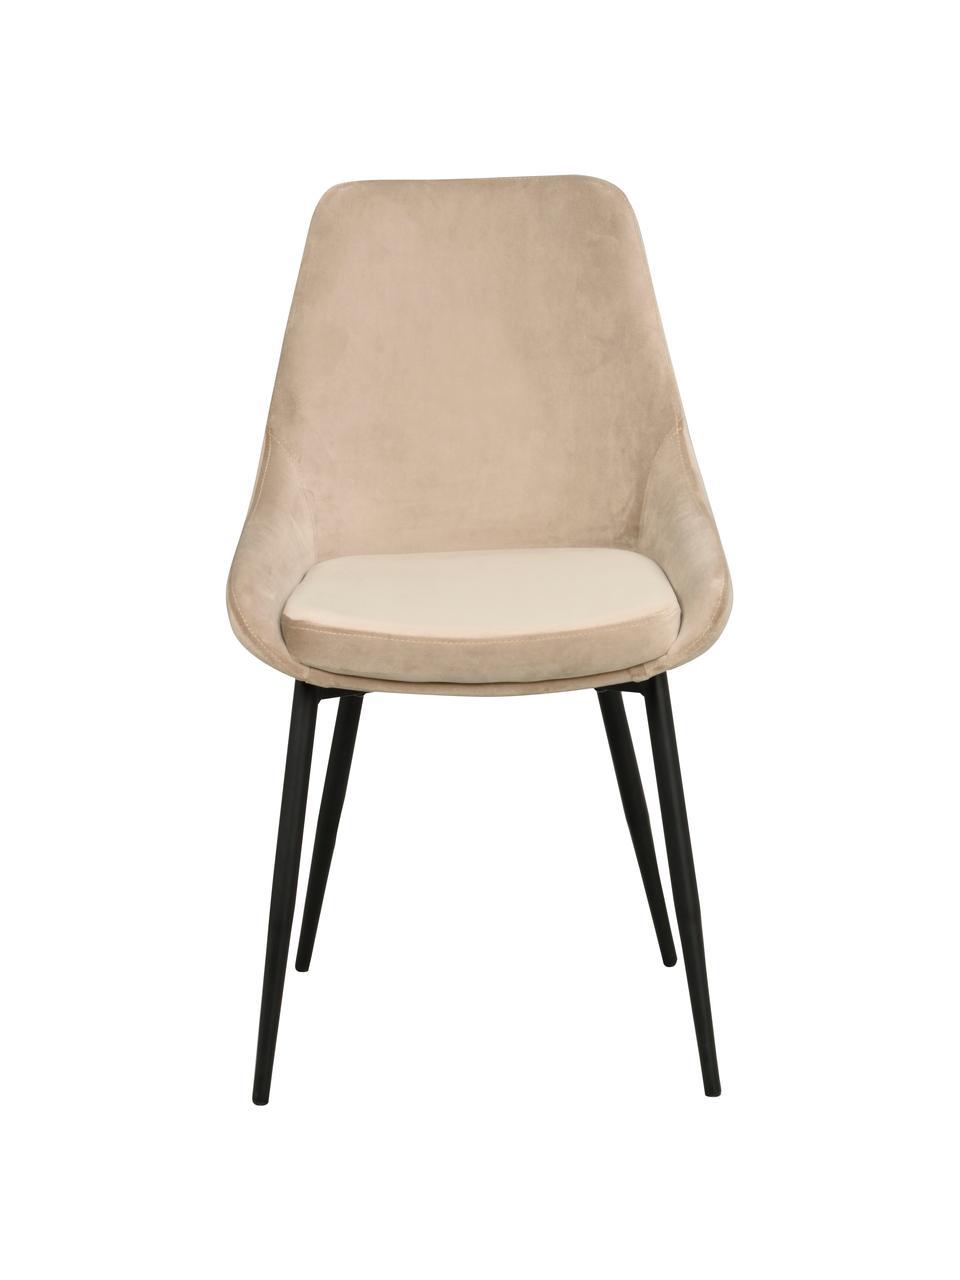 Krzesło tapicerowane z aksamitu Sierra, 2 szt., Tapicerka: aksamit poliestrowy Dzięk, Nogi: metal lakierowany, Aksamitny beżowy, nogi: czarny, S 49 x G 55 cm